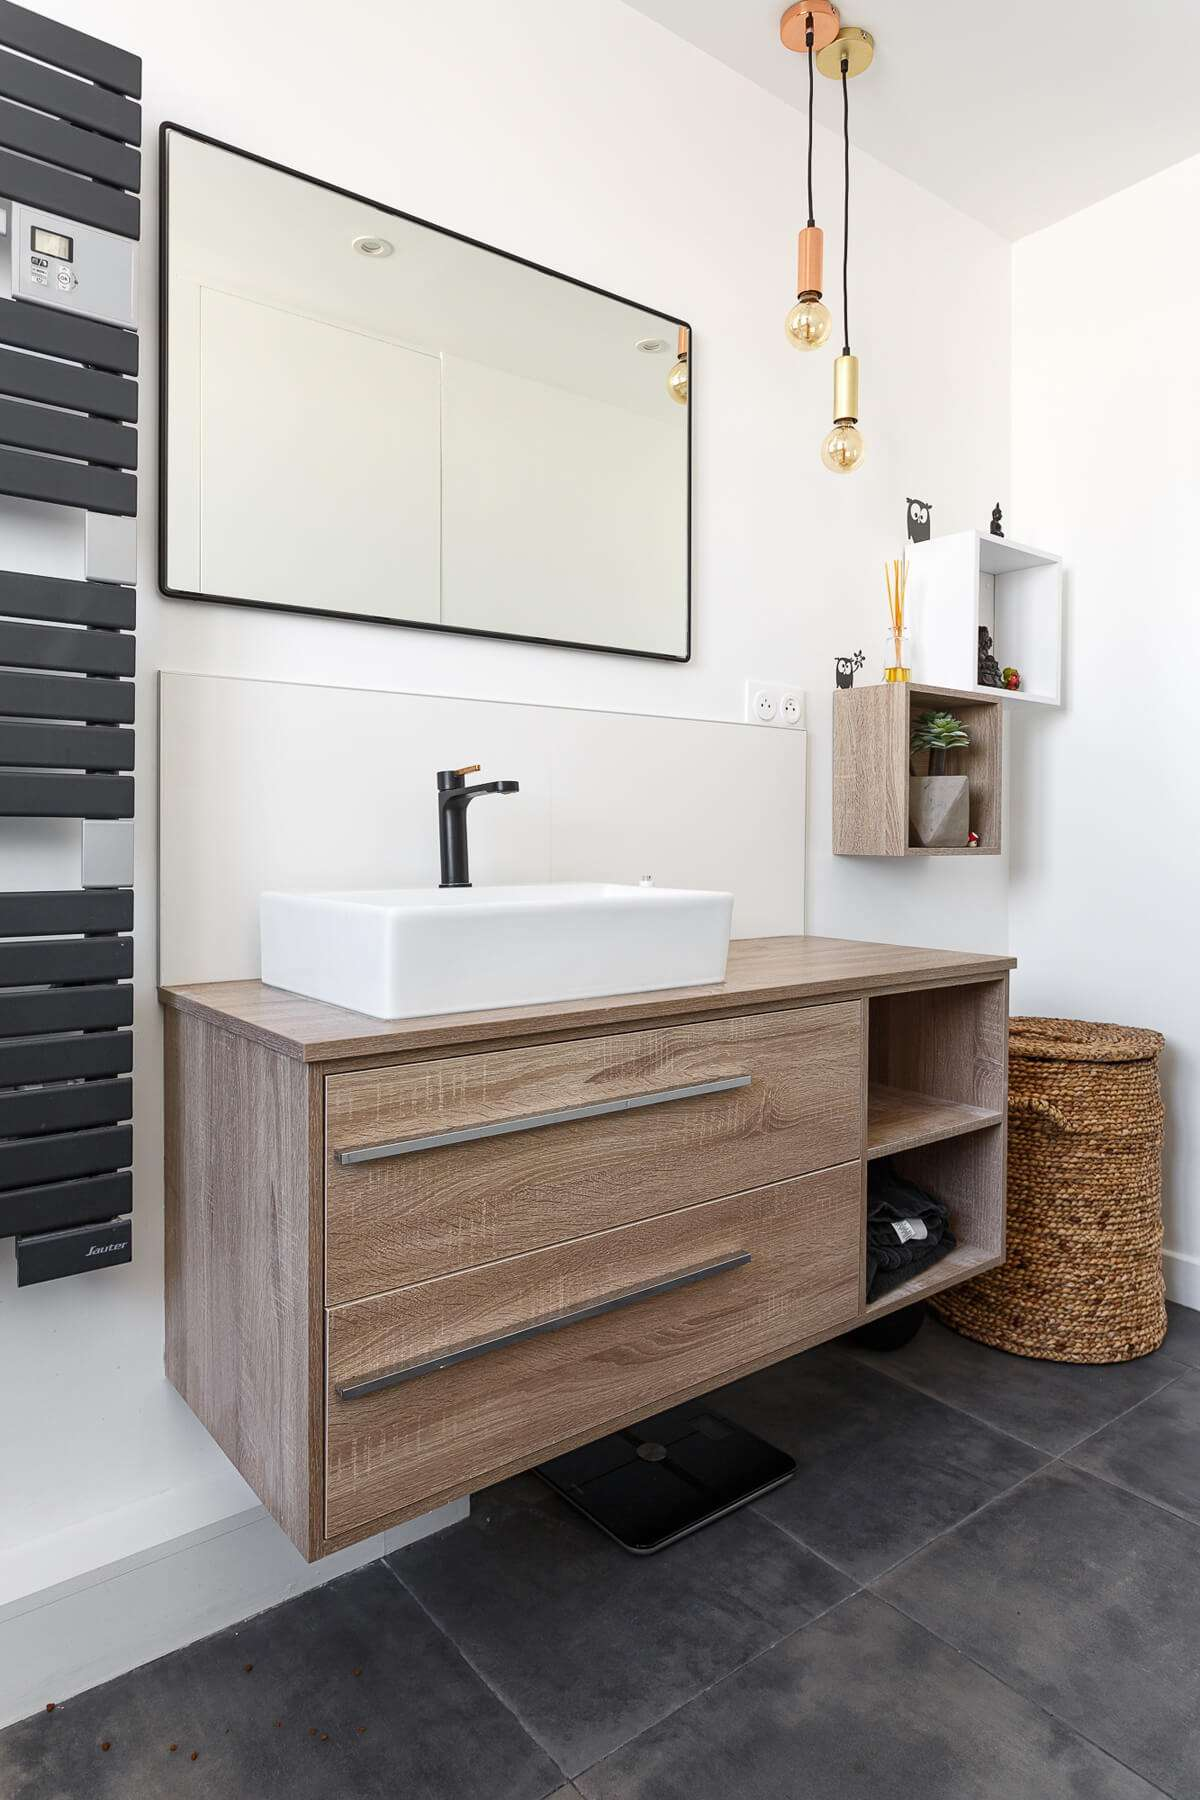 Meuble de salle de bain avec vasque posée